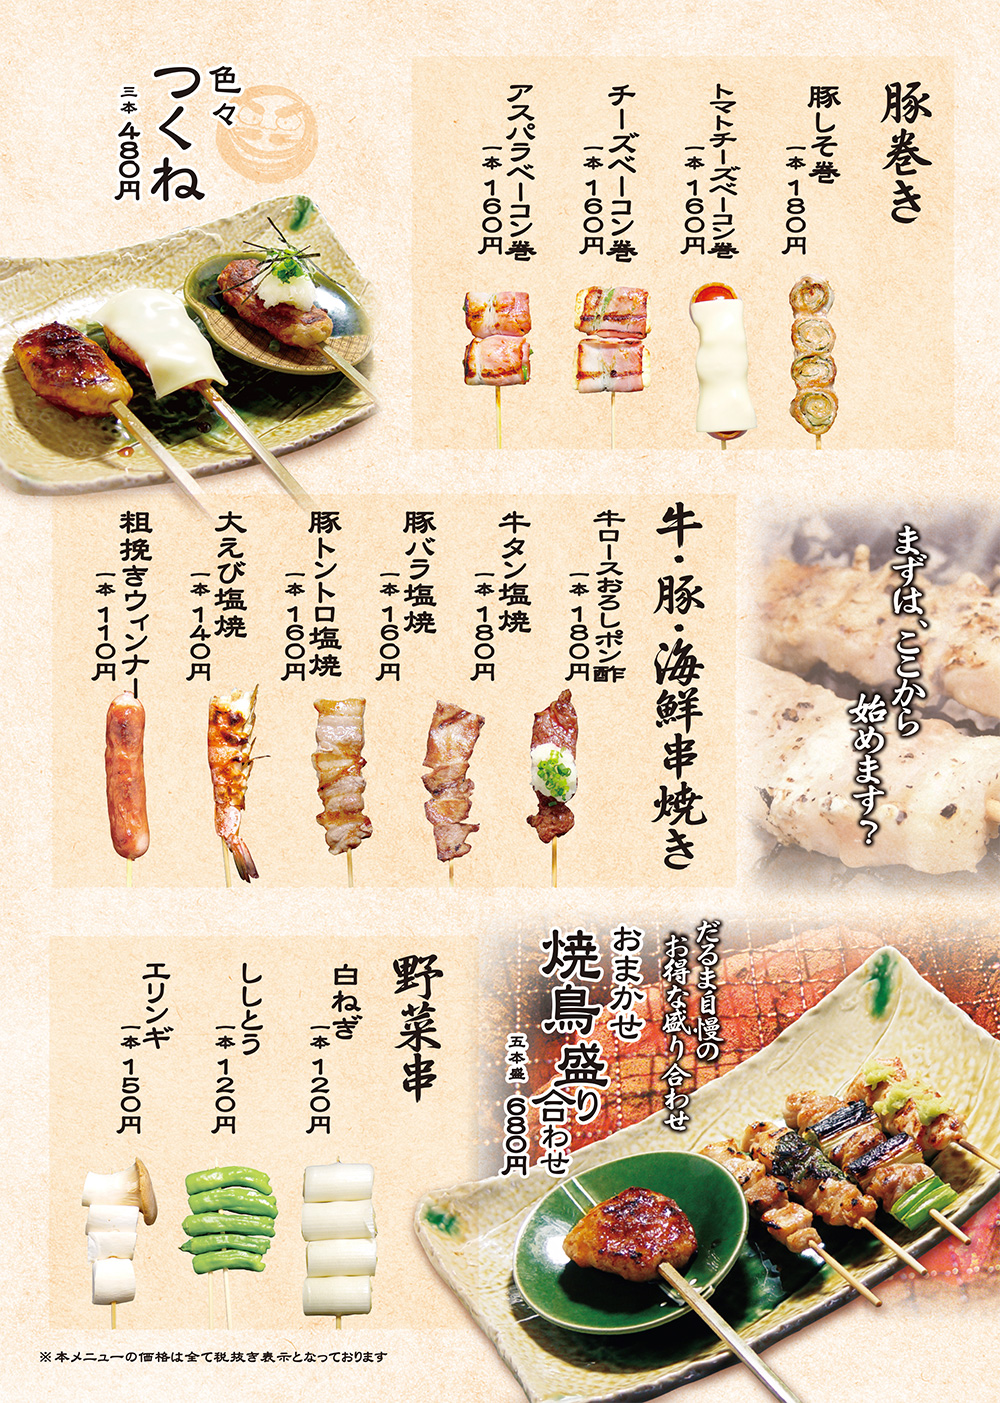 豚巻き、つくね、海鮮串焼き、野菜串